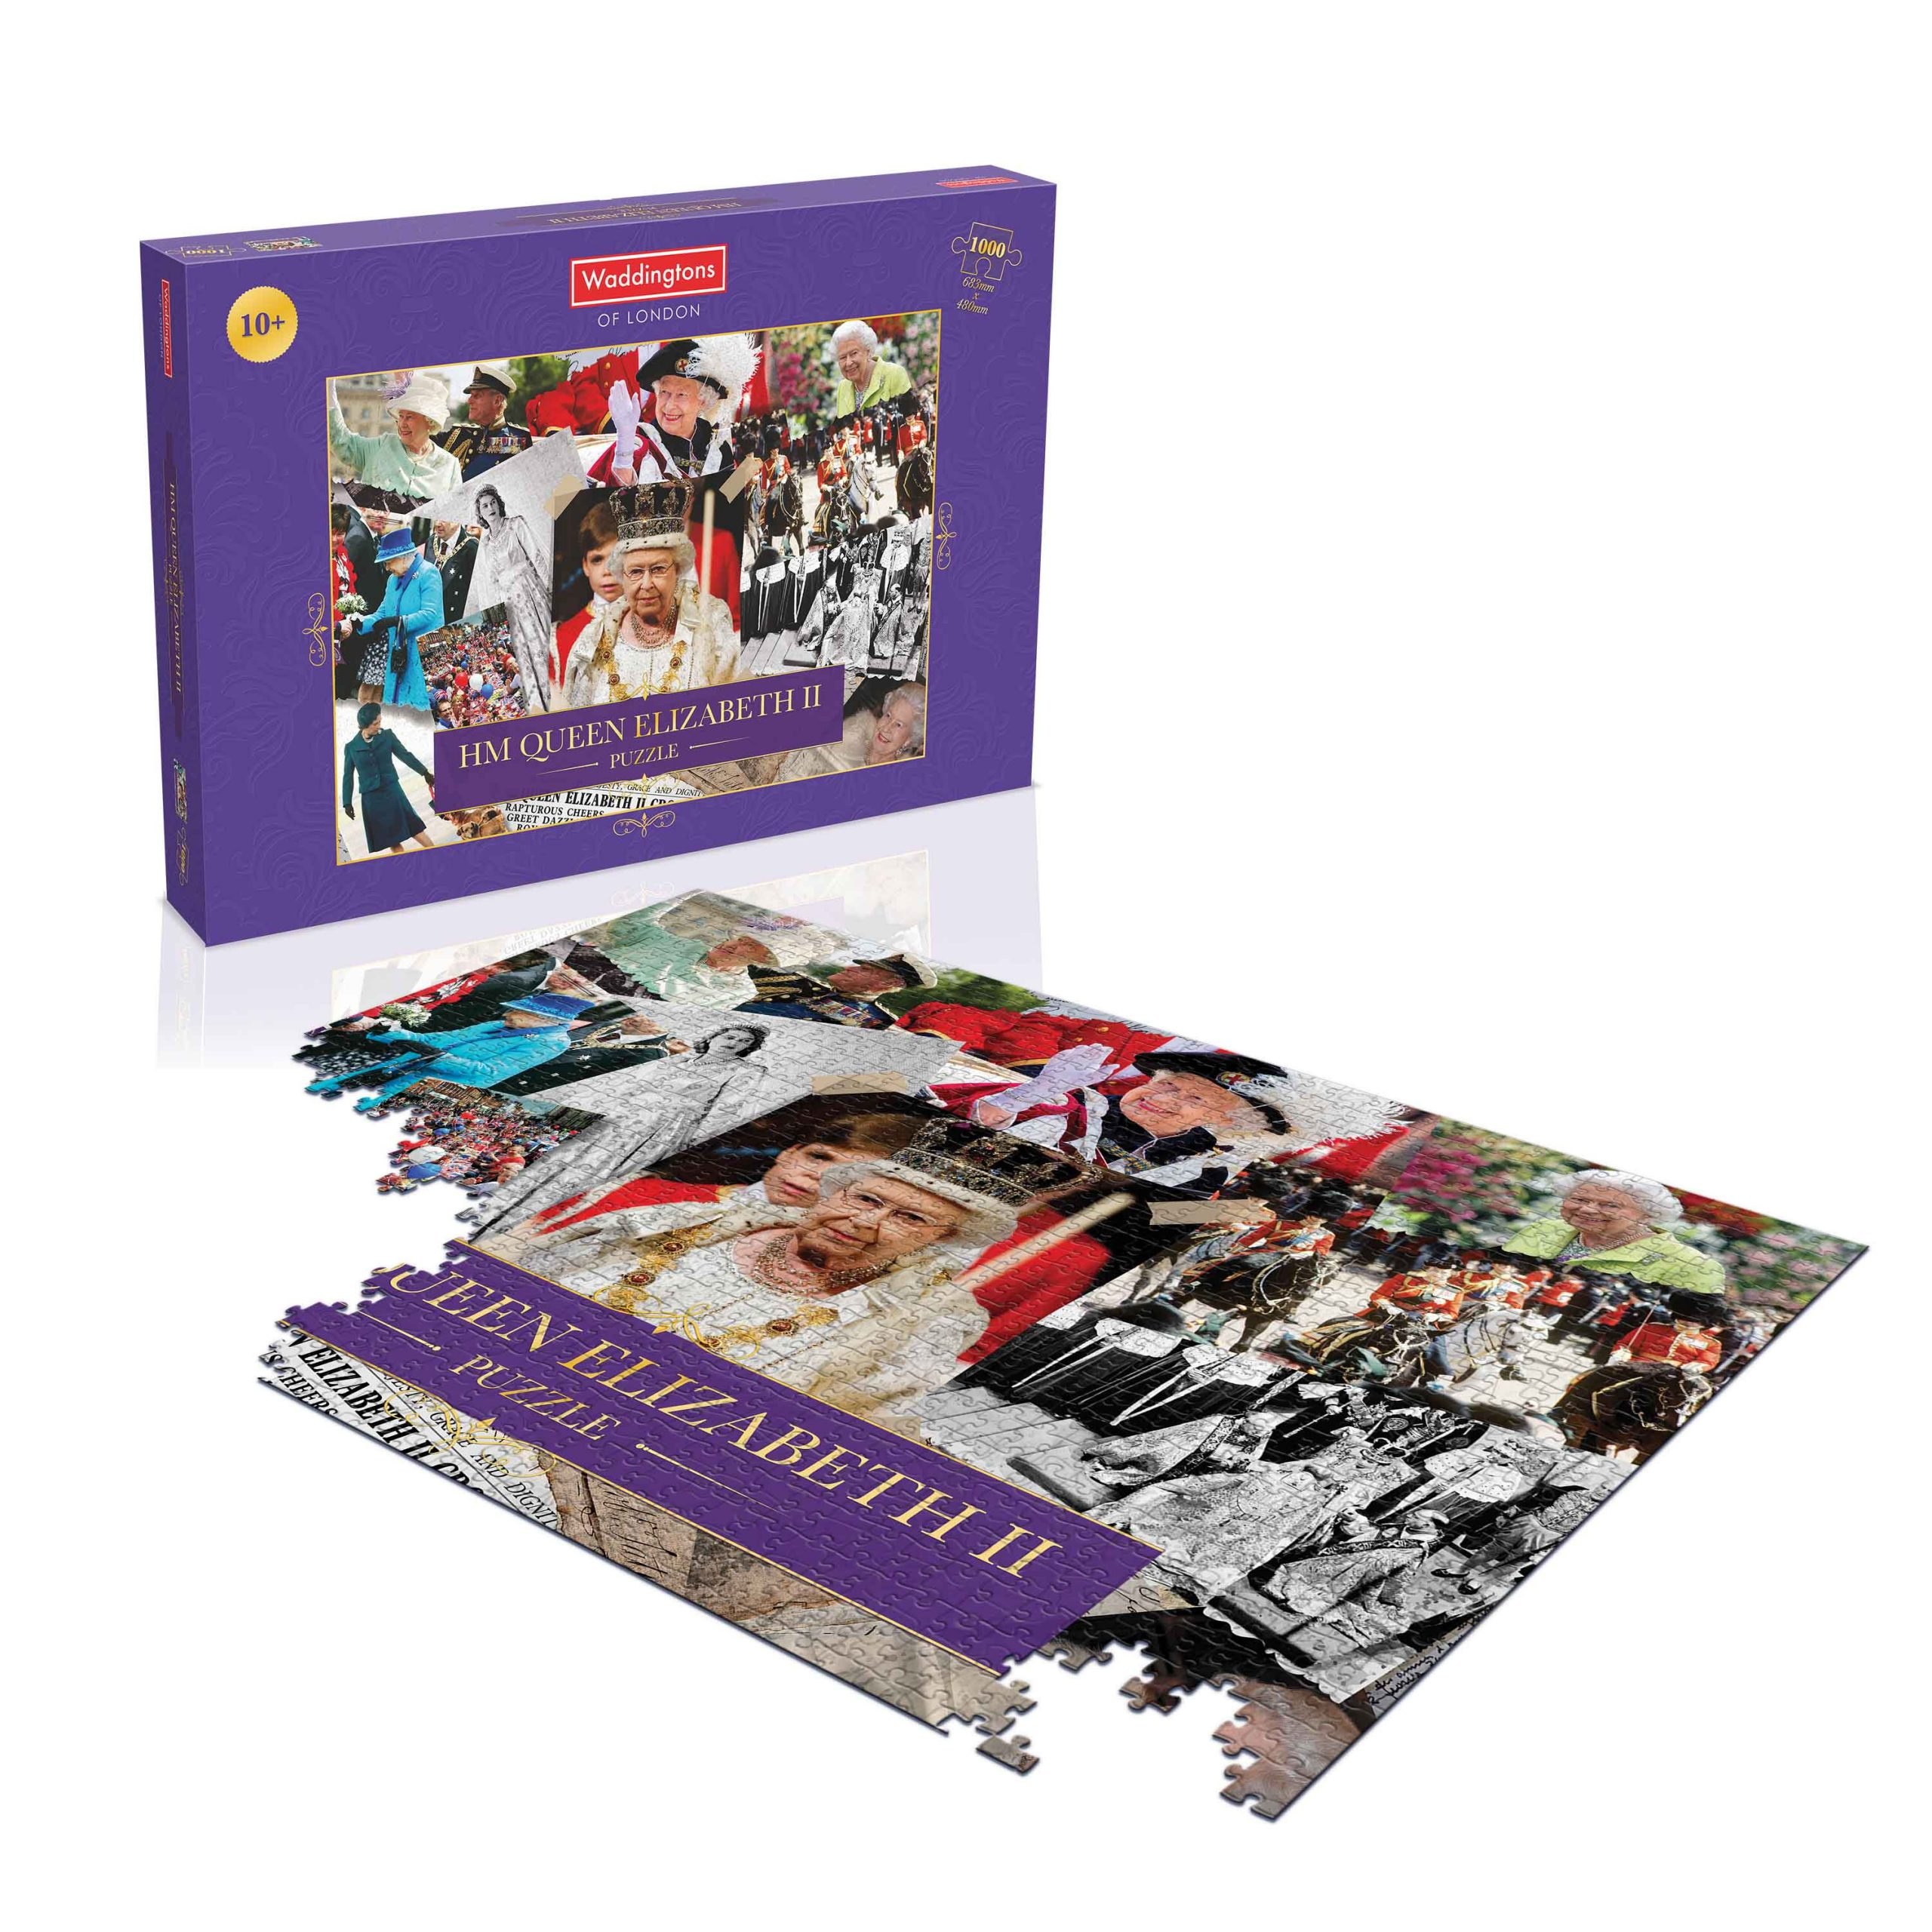 HM Queen Elizabeth II 1000-Piece Puzzle